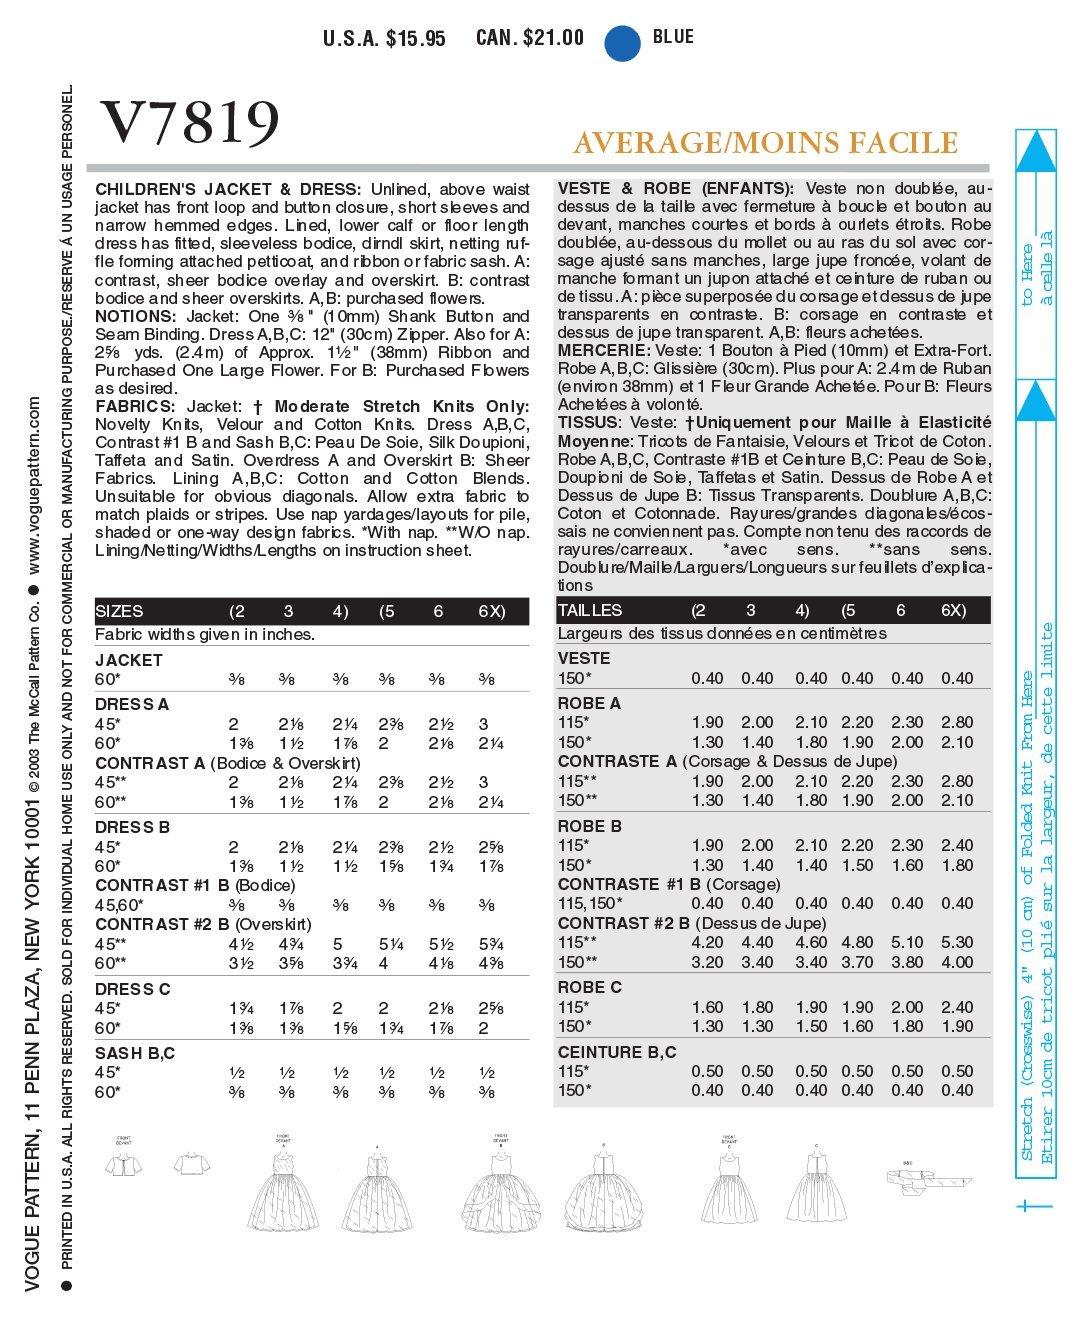 Vogue 7819 - Patrones de costura para vestido de niña (instrucciones en  inglés y alemán)